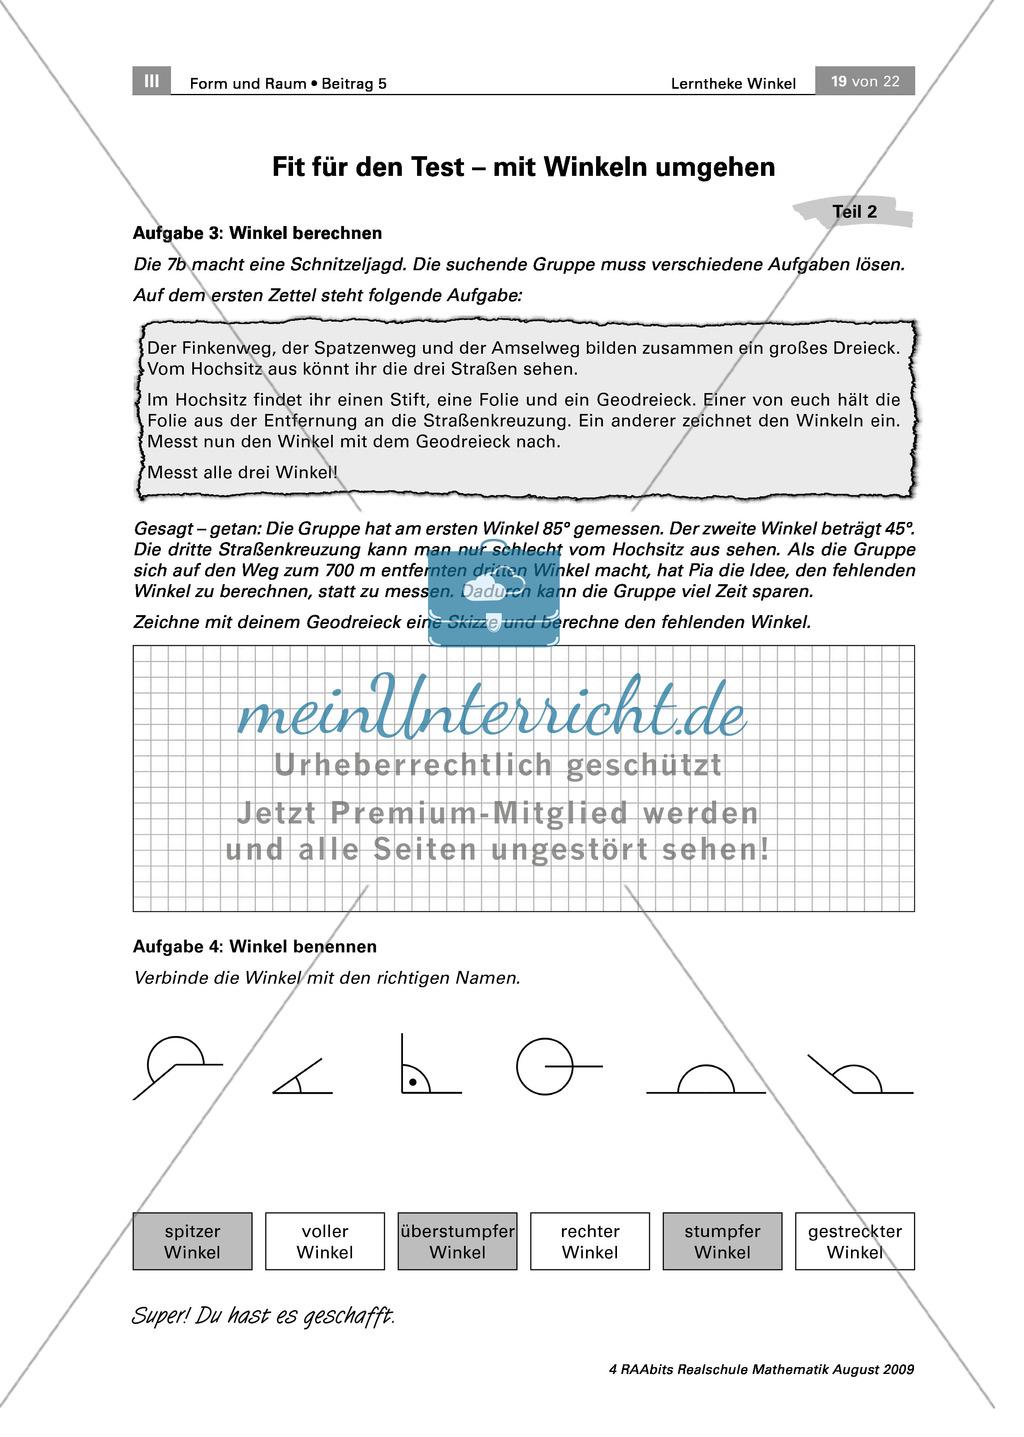 Lerntheke zu Winkeln: Winkel schätzen, zeichnen, messen und benennen ...